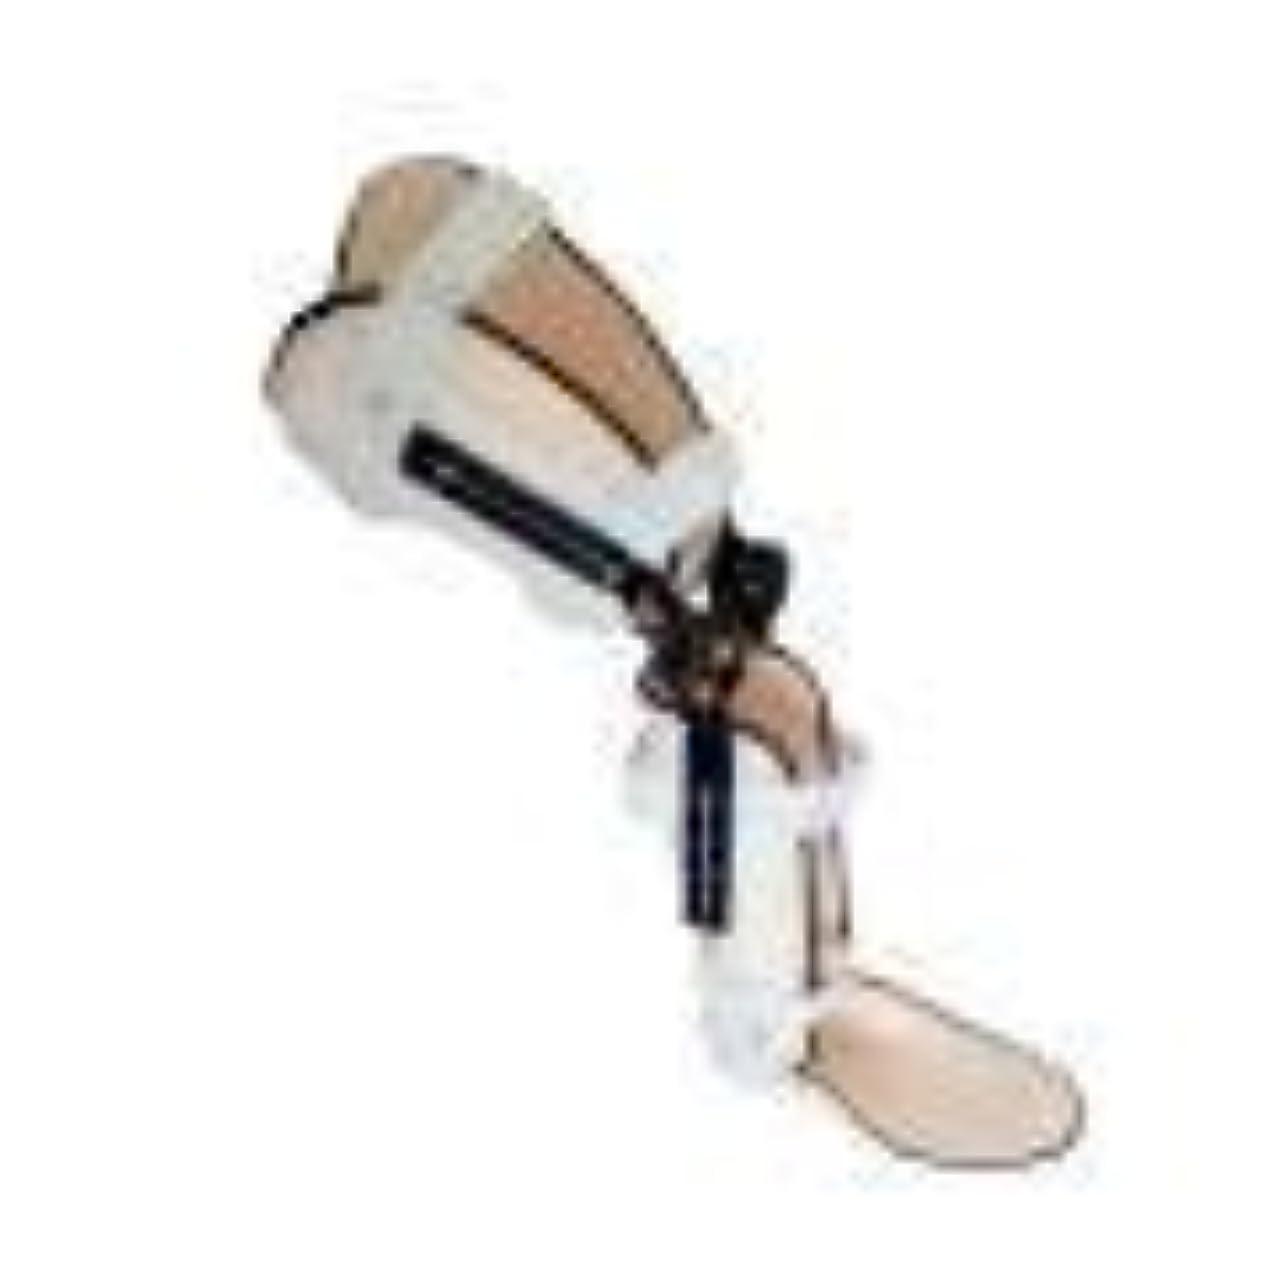 アラート代理店広々ヒンジ付き膝装具、ポストOP膝蓋装具サポートスタビライザーパッド装具スプリントラップ医療用整形外科用ガードプロテクター (Color : As Picture, Size : Left Foot)